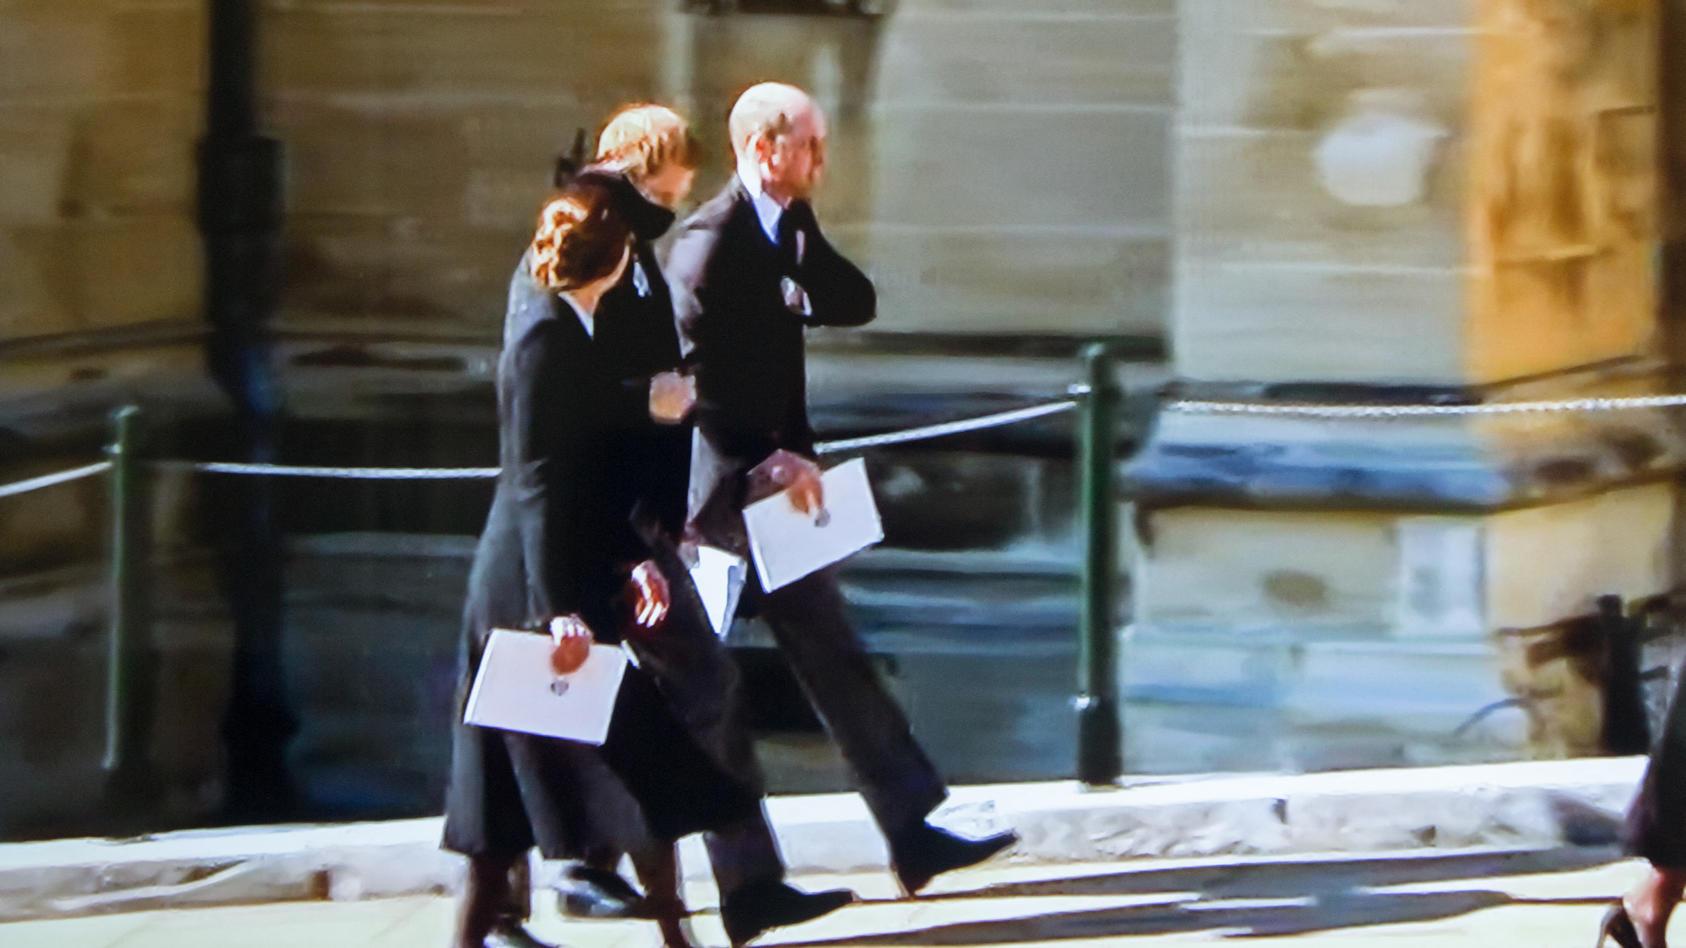 Herzogin Kate, Prinz Harry und Prinz William nach dem Trauergottesdienst für den verstorbenen Prinz Philip - hier sprechen die Brüder wieder miteinander